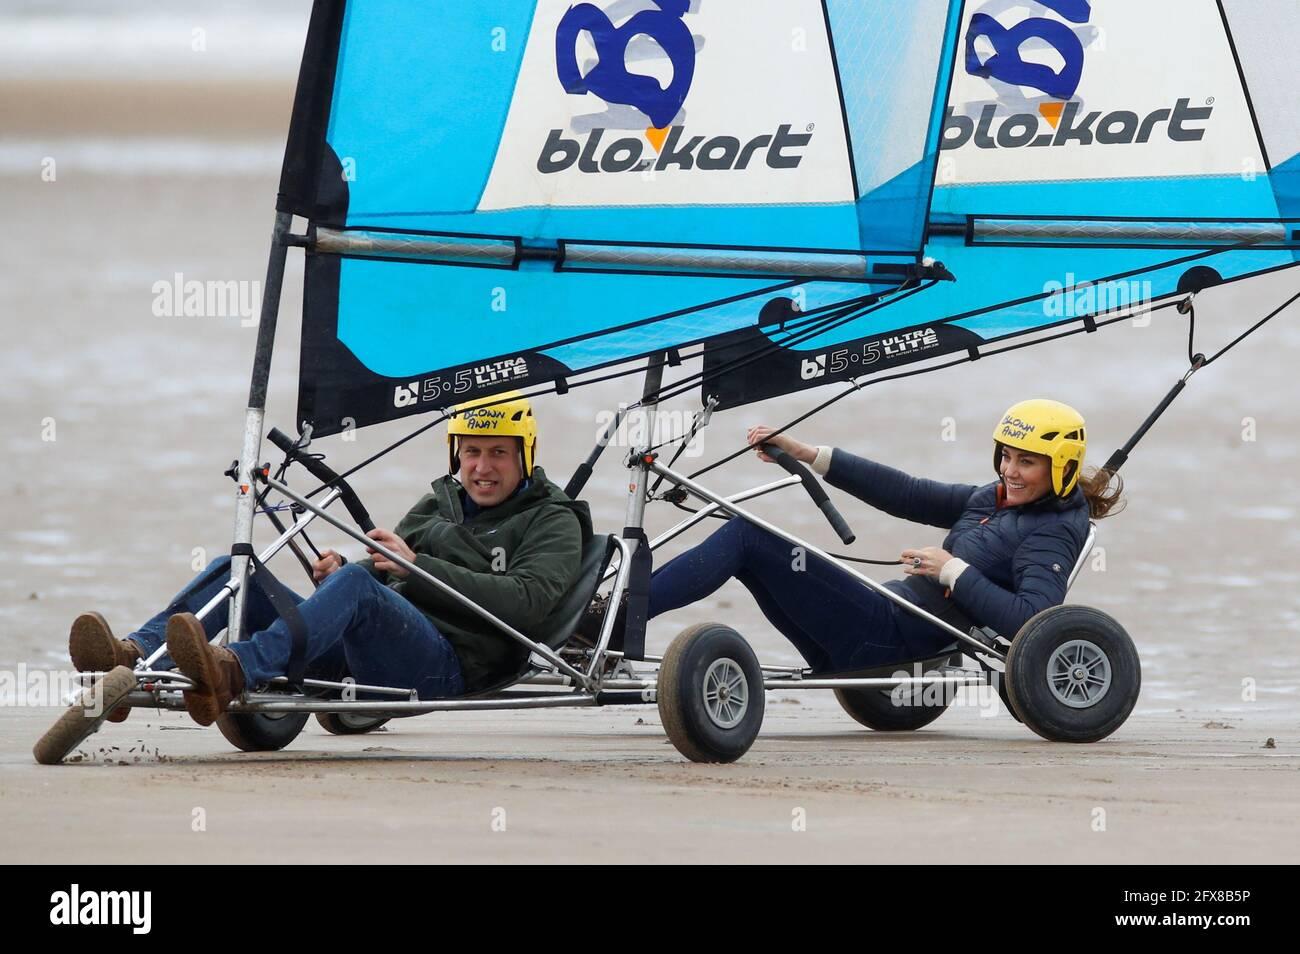 Der Herzog und die Herzogin von Cambridge landet beim Segeln am Strand von St Andrews. Bilddatum: Mittwoch, 26. Mai 2021. Stockfoto